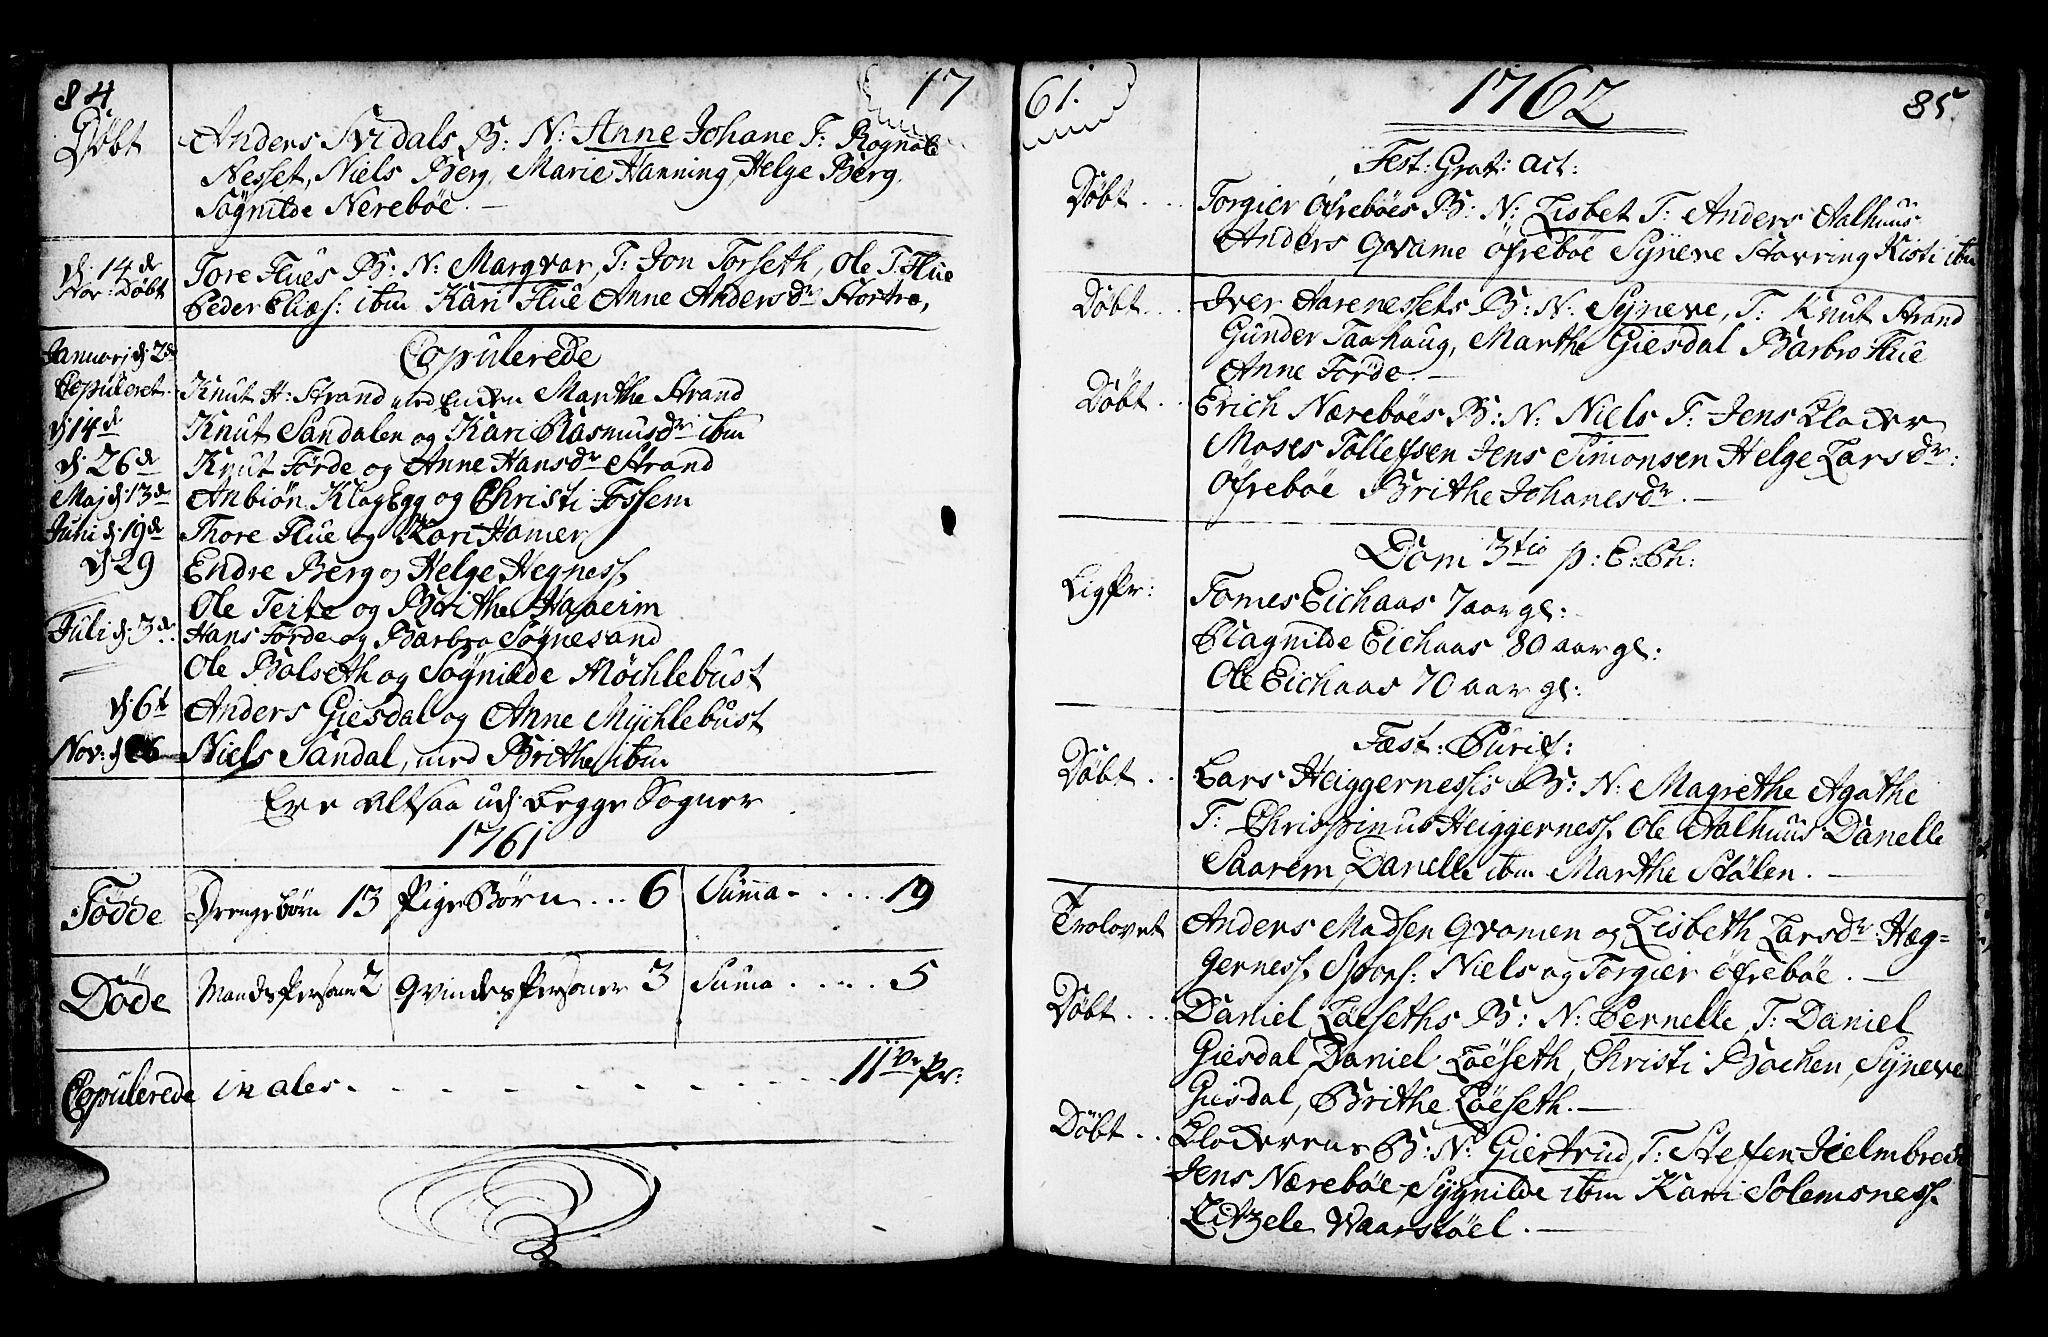 SAB, Jølster Sokneprestembete, Ministerialbok nr. A 3, 1748-1789, s. 84-85